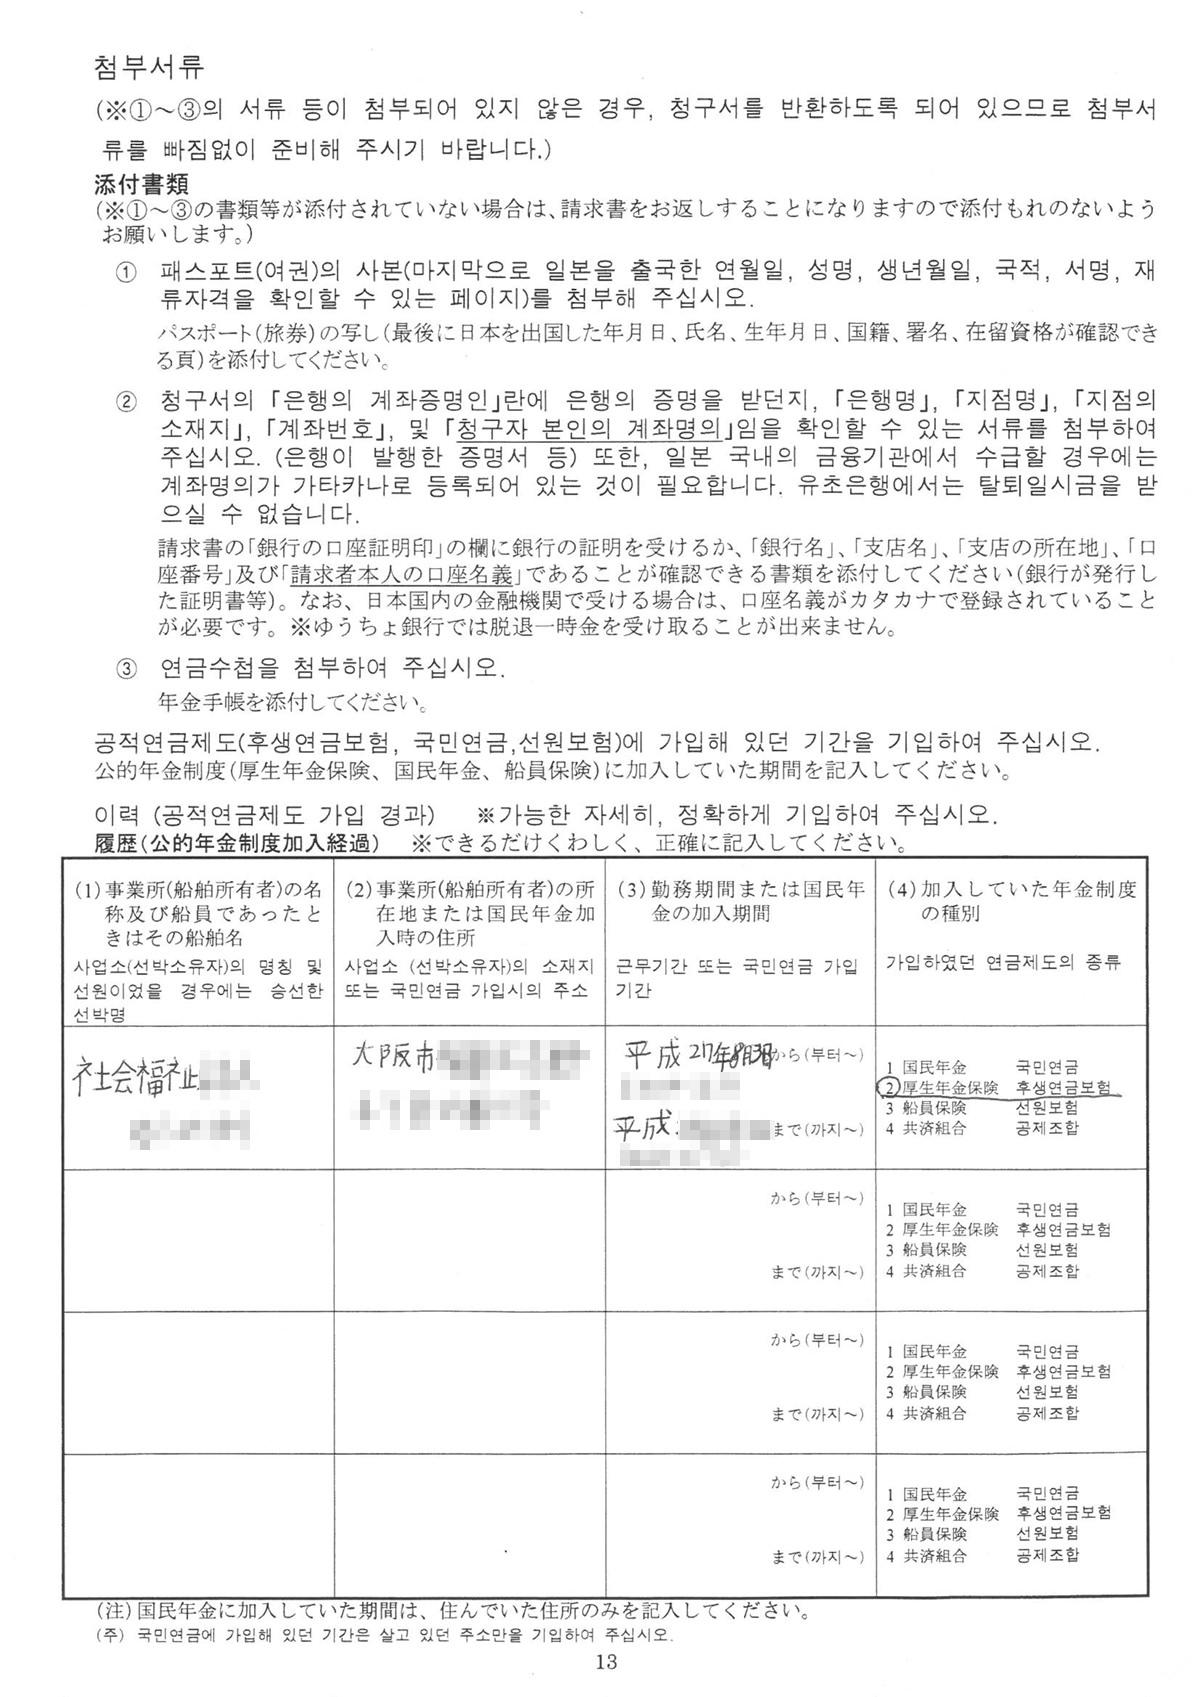 일본 후생연금 보험금 환급신청서 (공적연금 가입이력서)